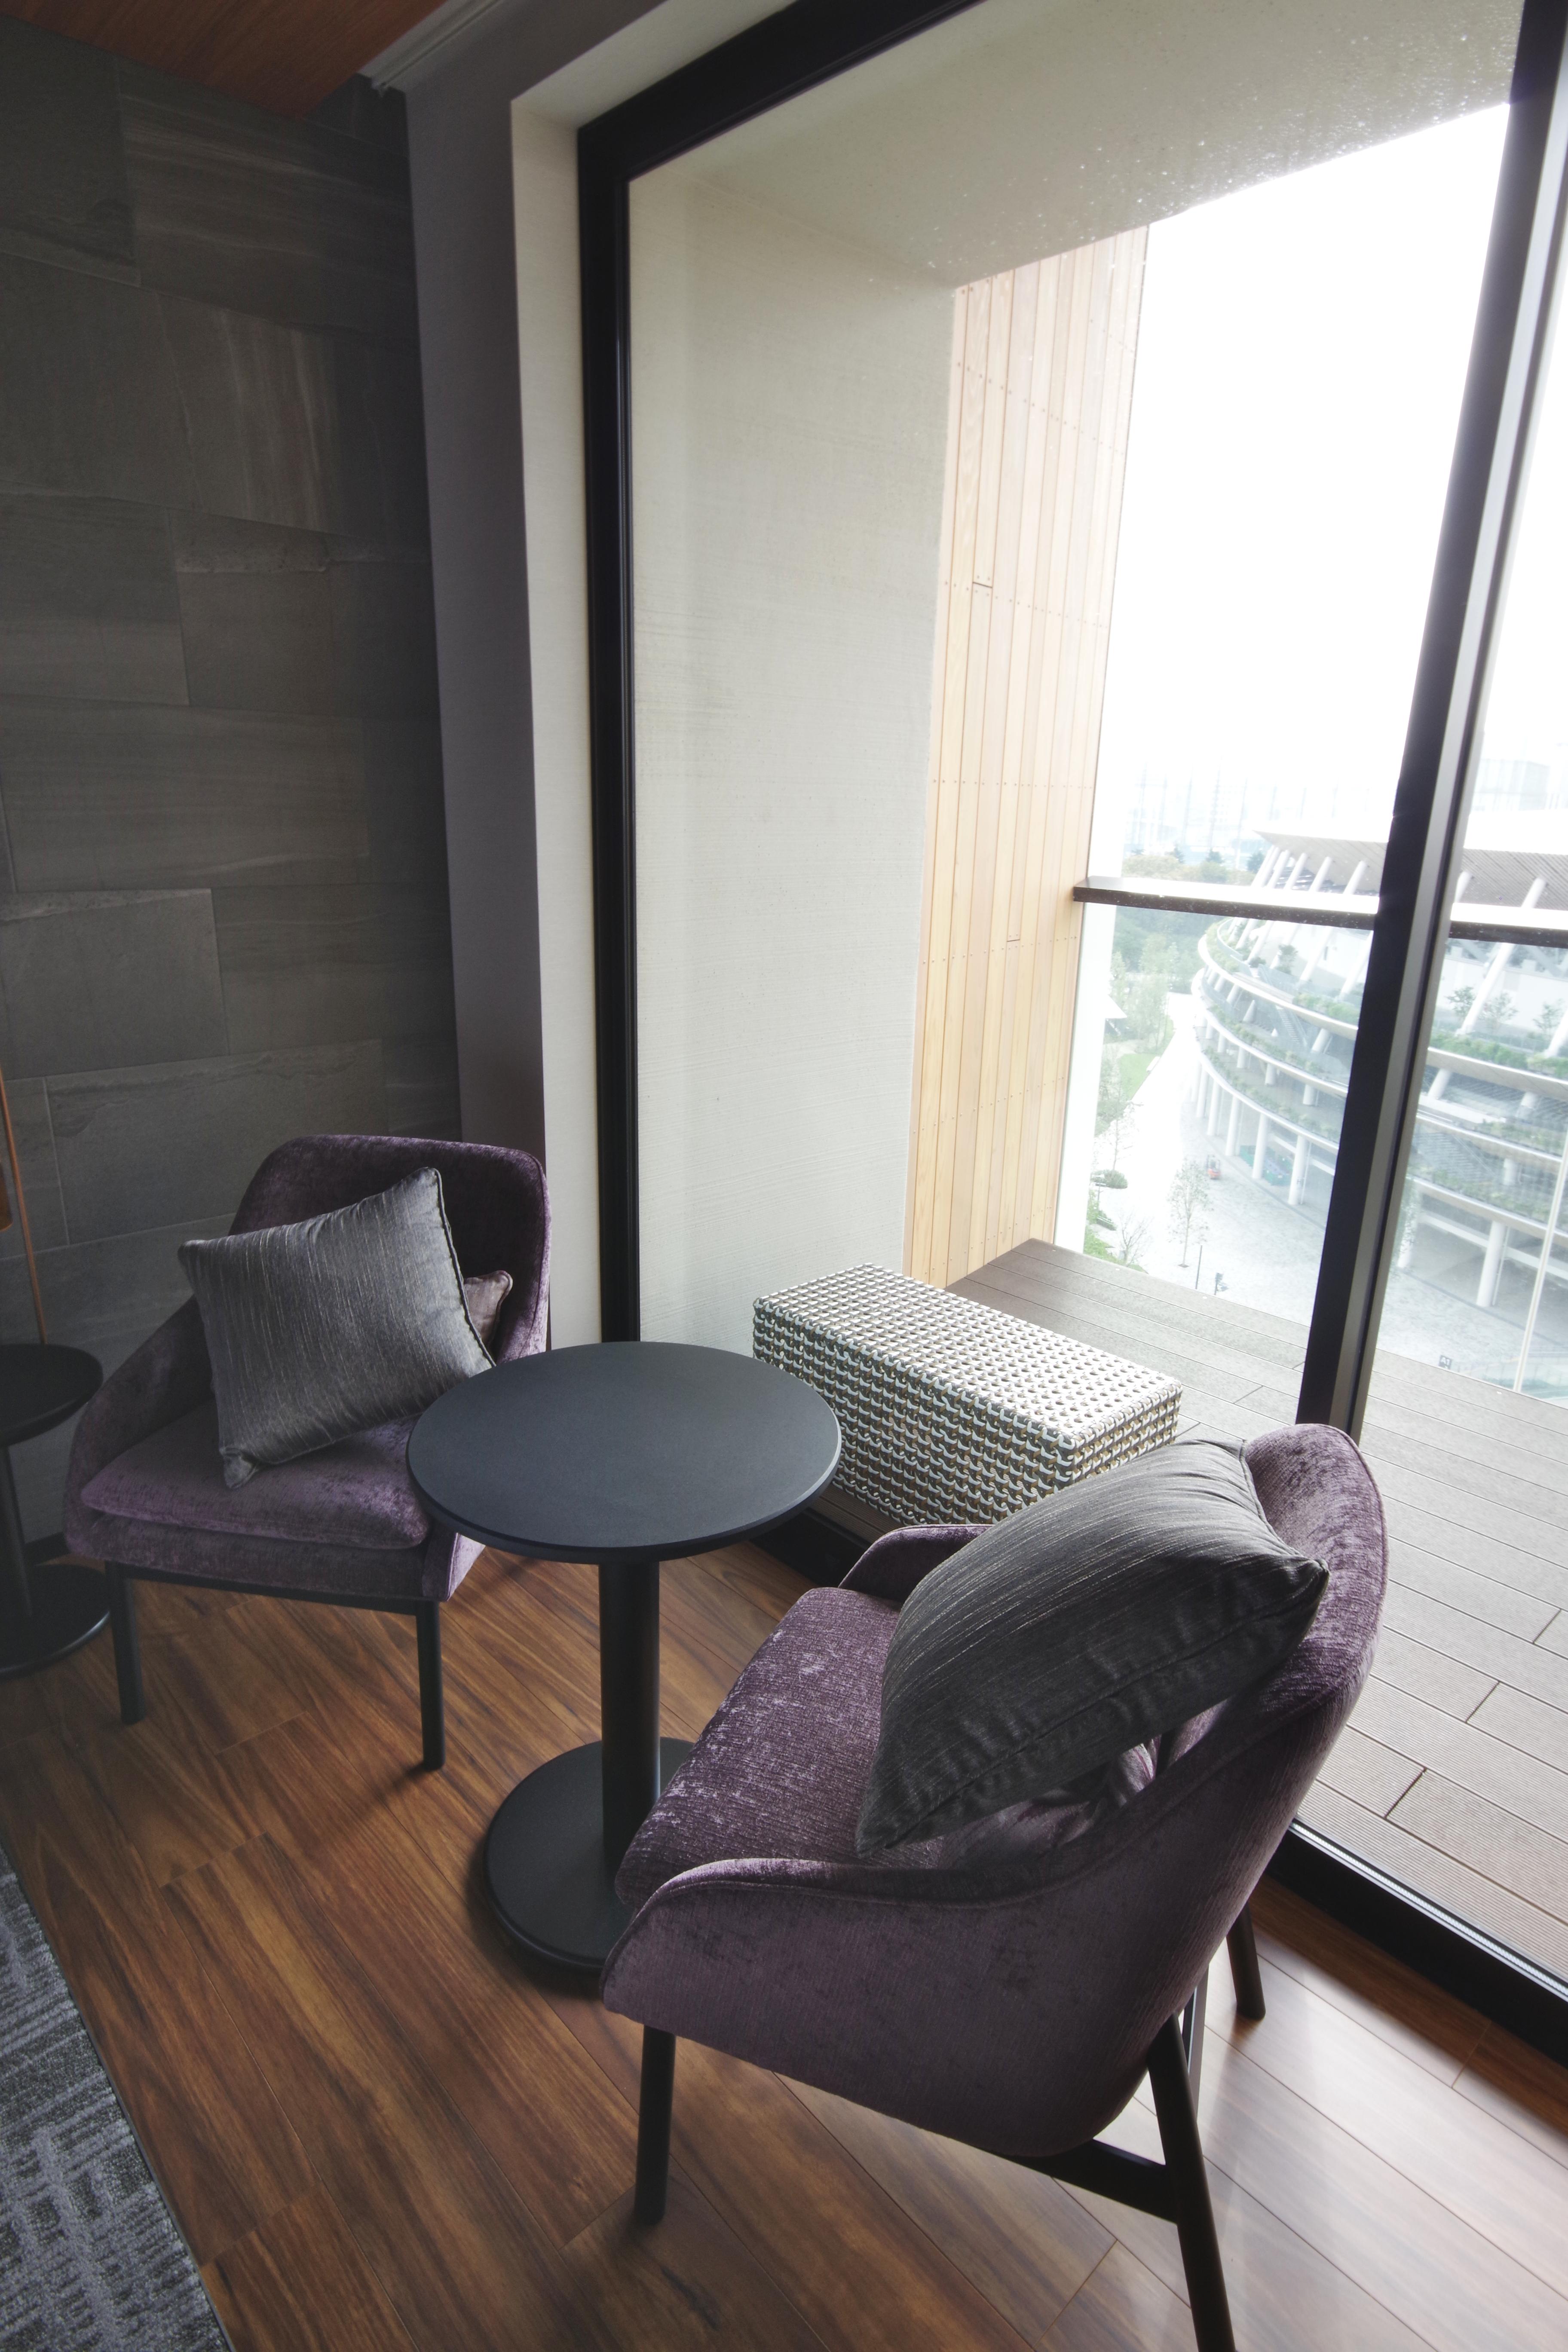 三井ガーデンホテル神宮外苑の杜 客室画像②